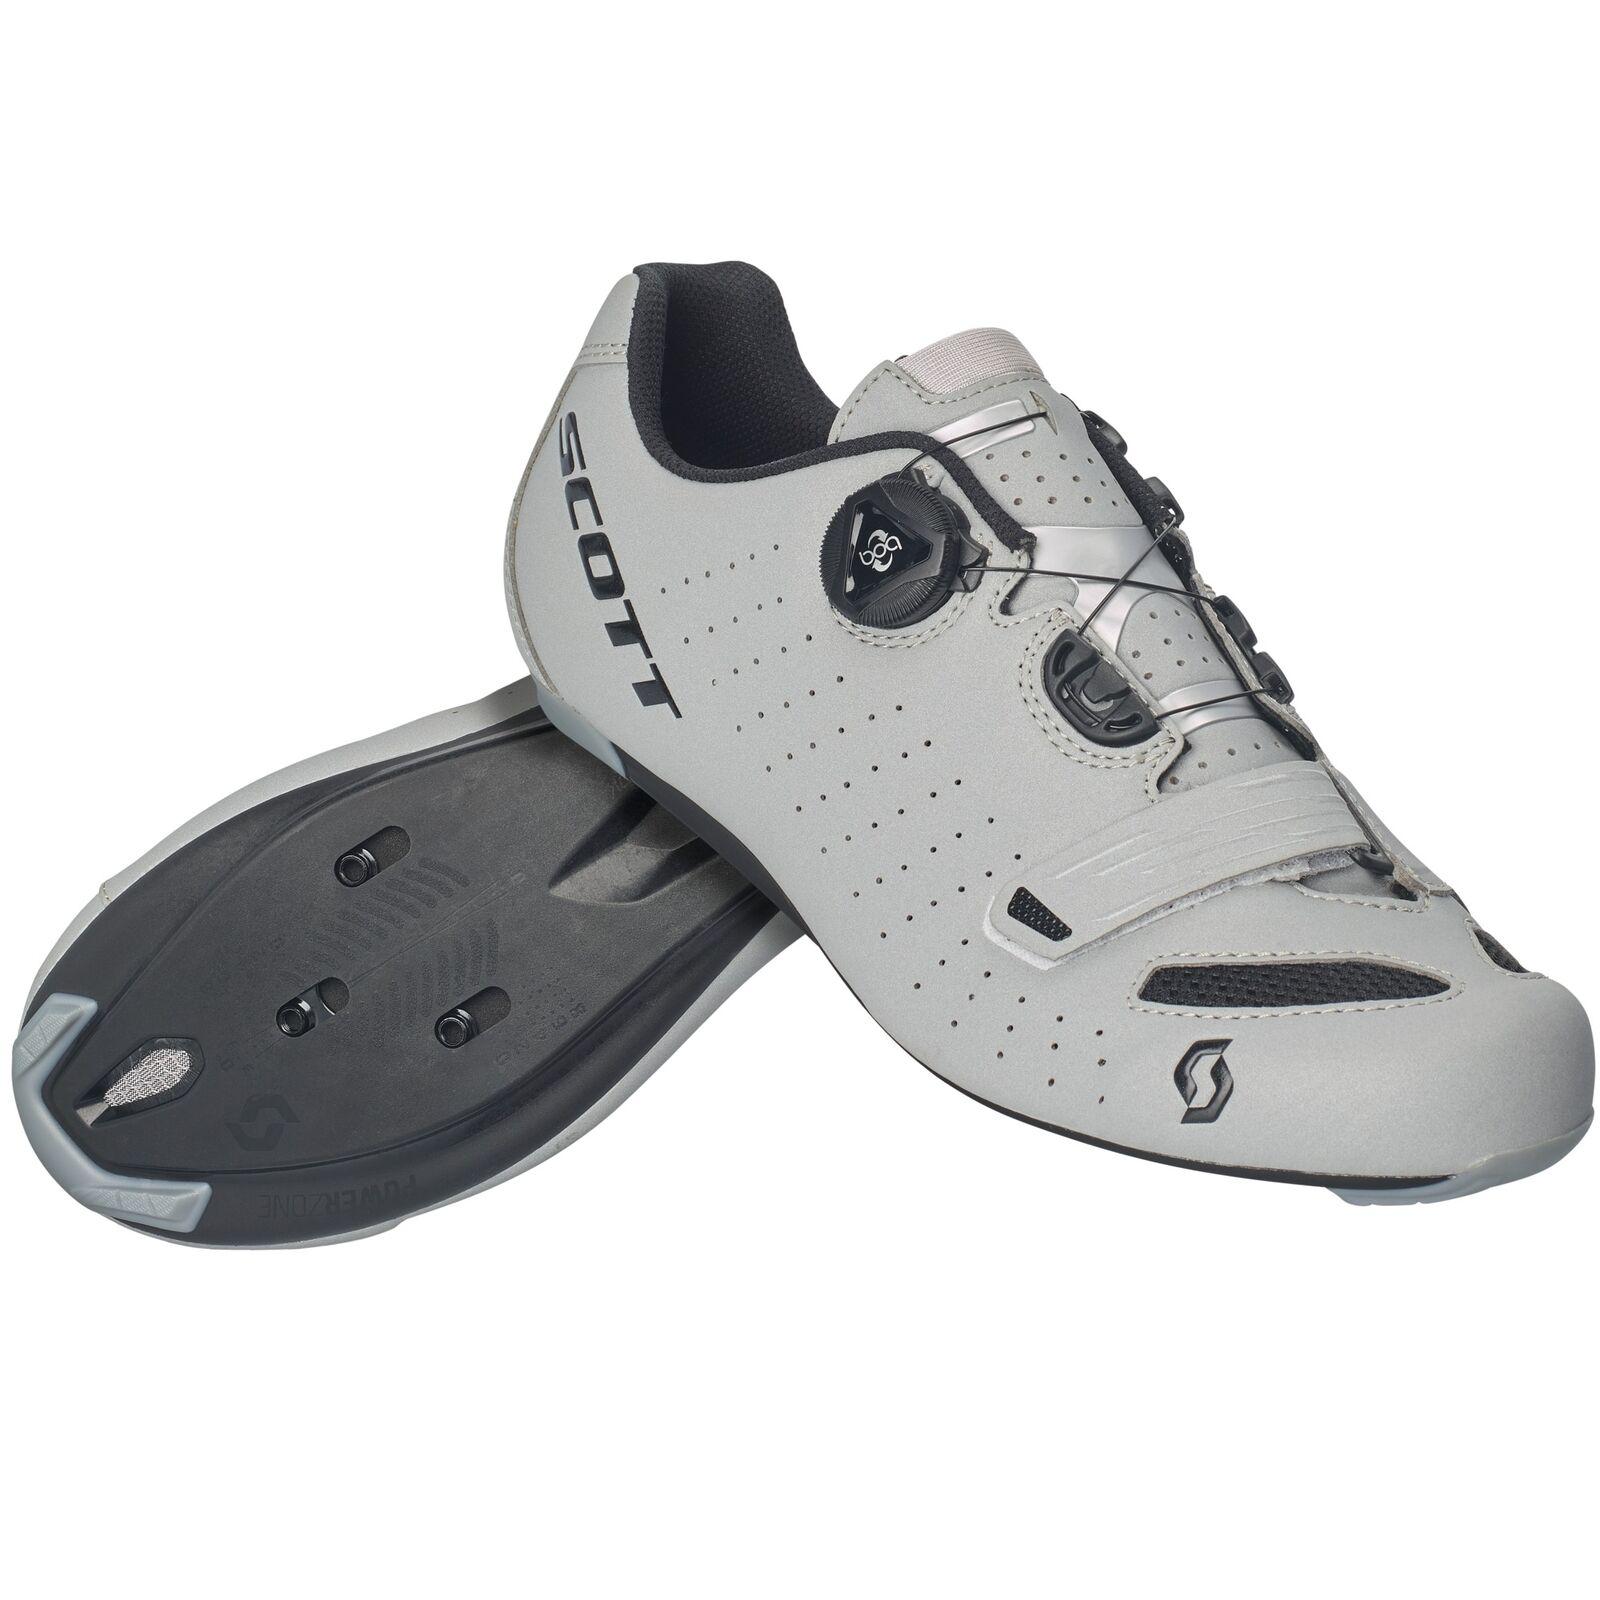 Scott Road Comp Boa ReflecBindenve Womannens schoenen UK 4.5  Eur 37